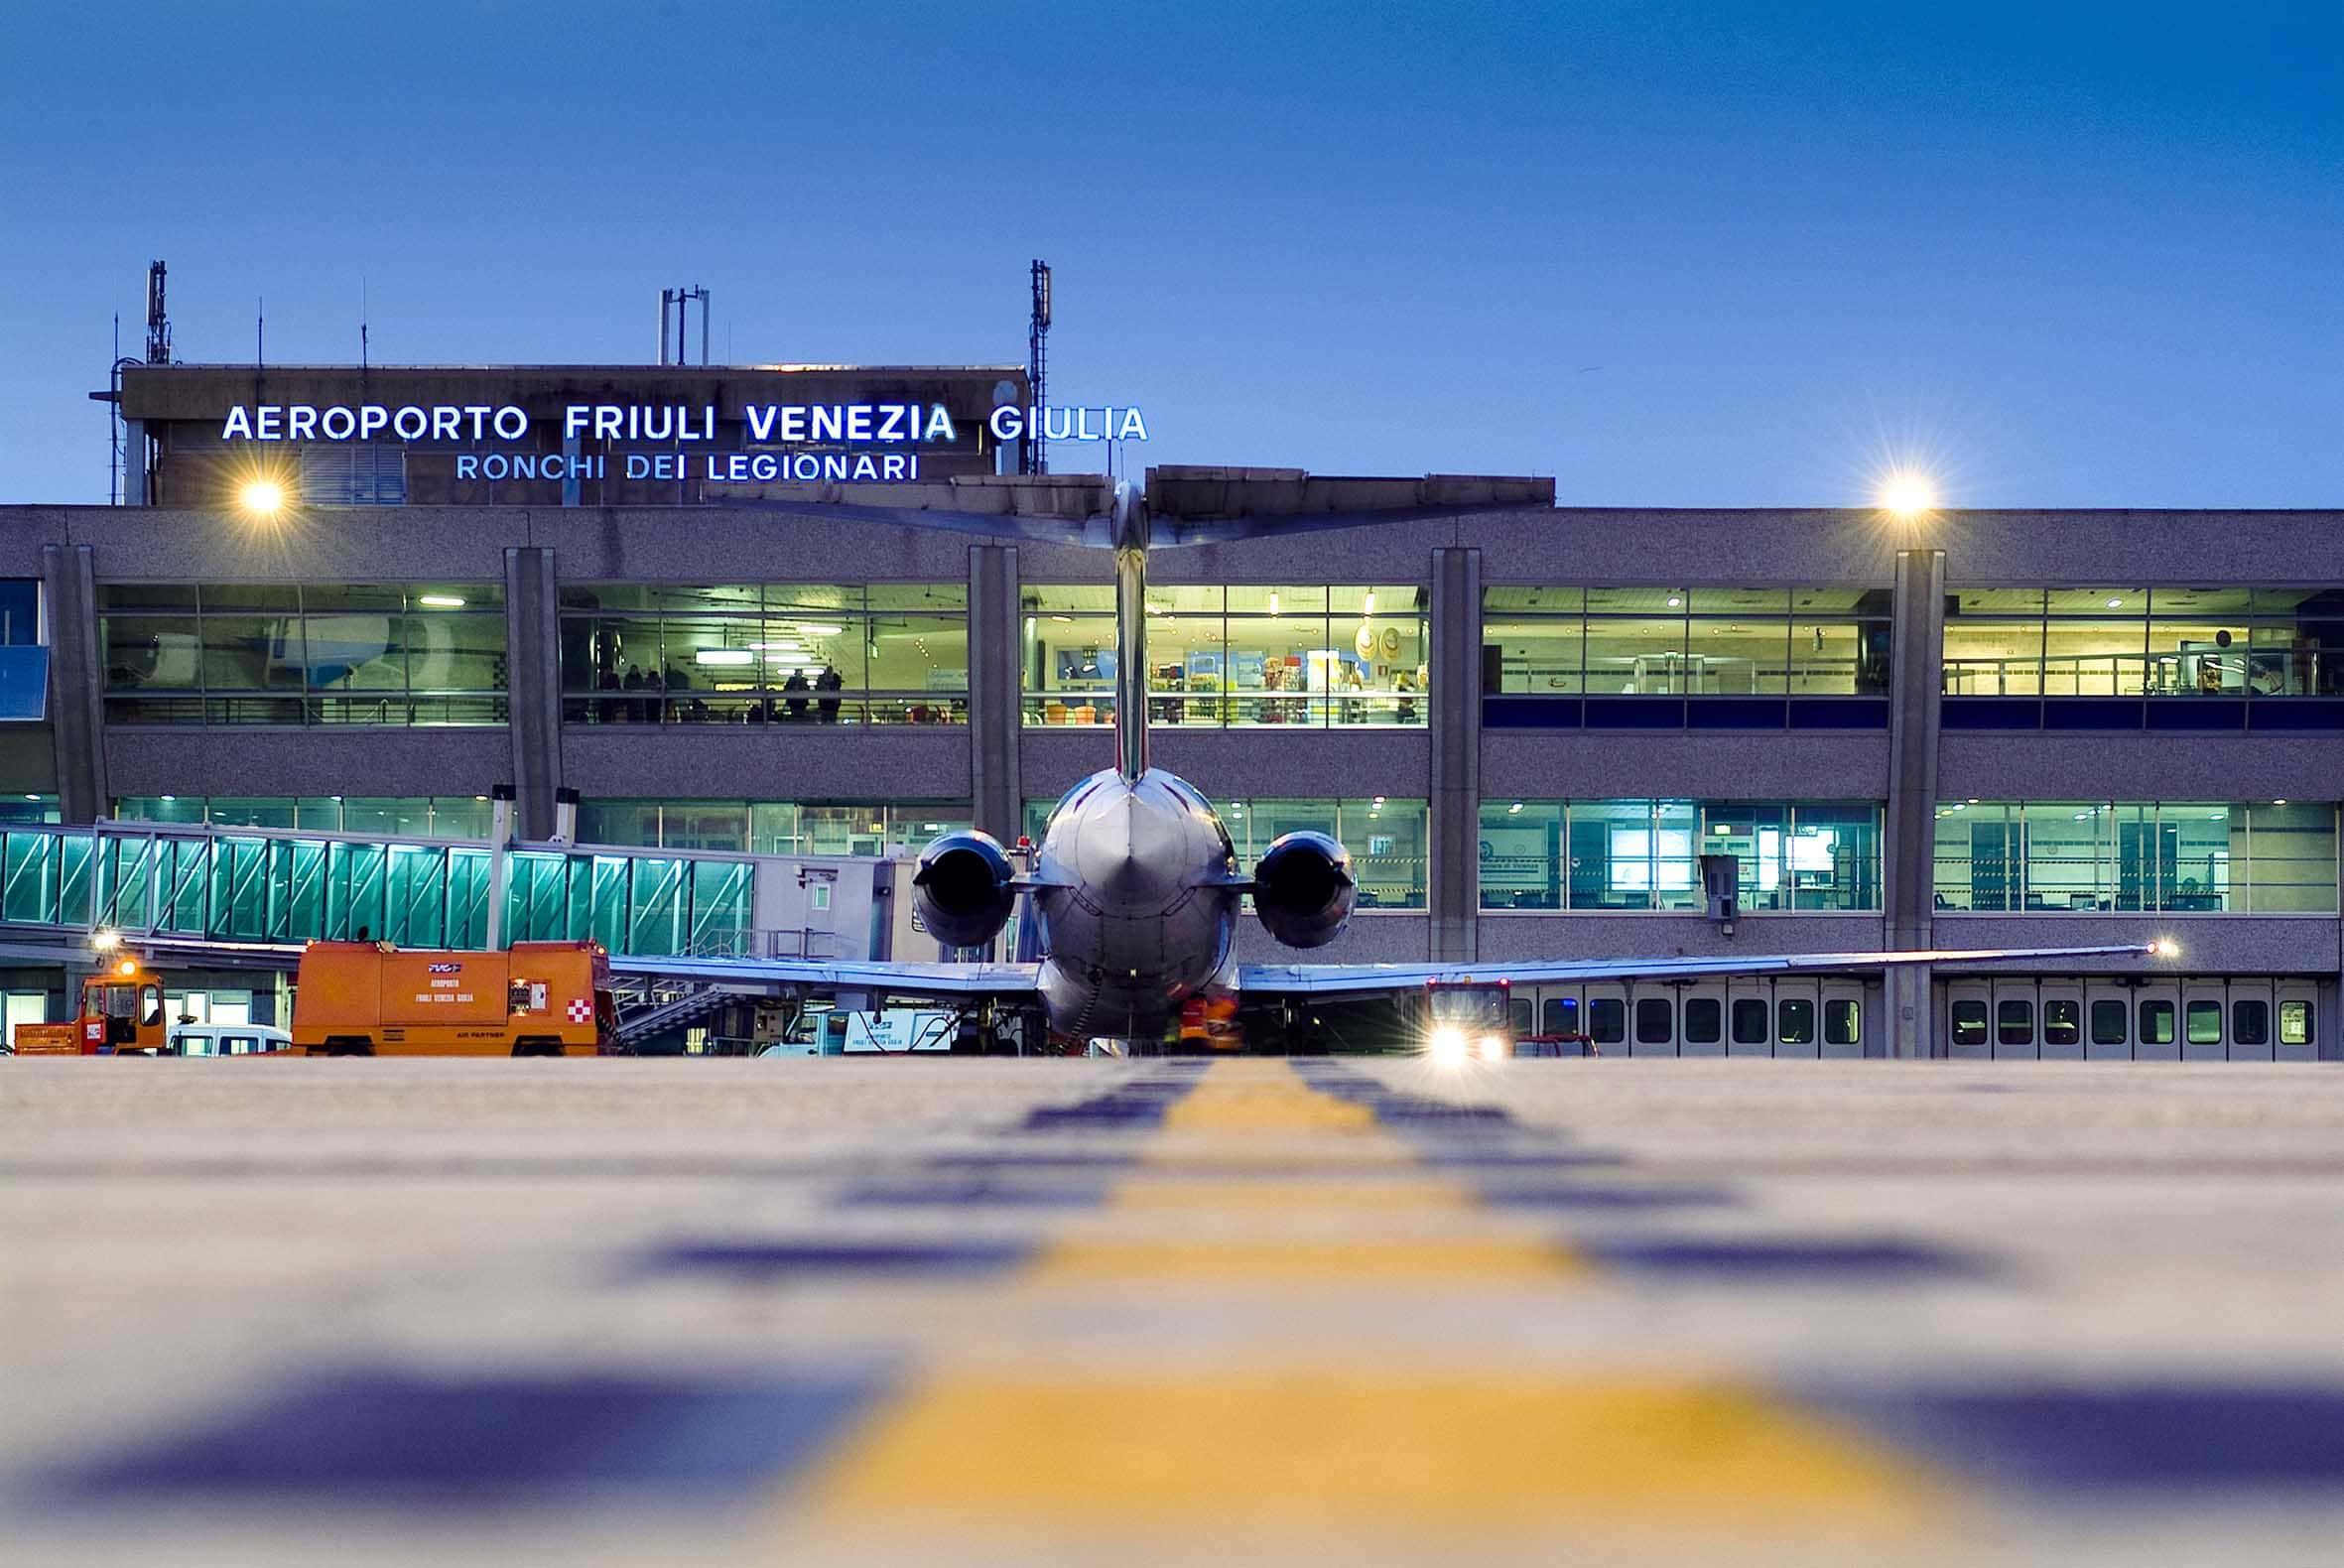 Taxi Stazione Ferroviaria Belluno - Ncc Venezia - Transfer Venice Airport